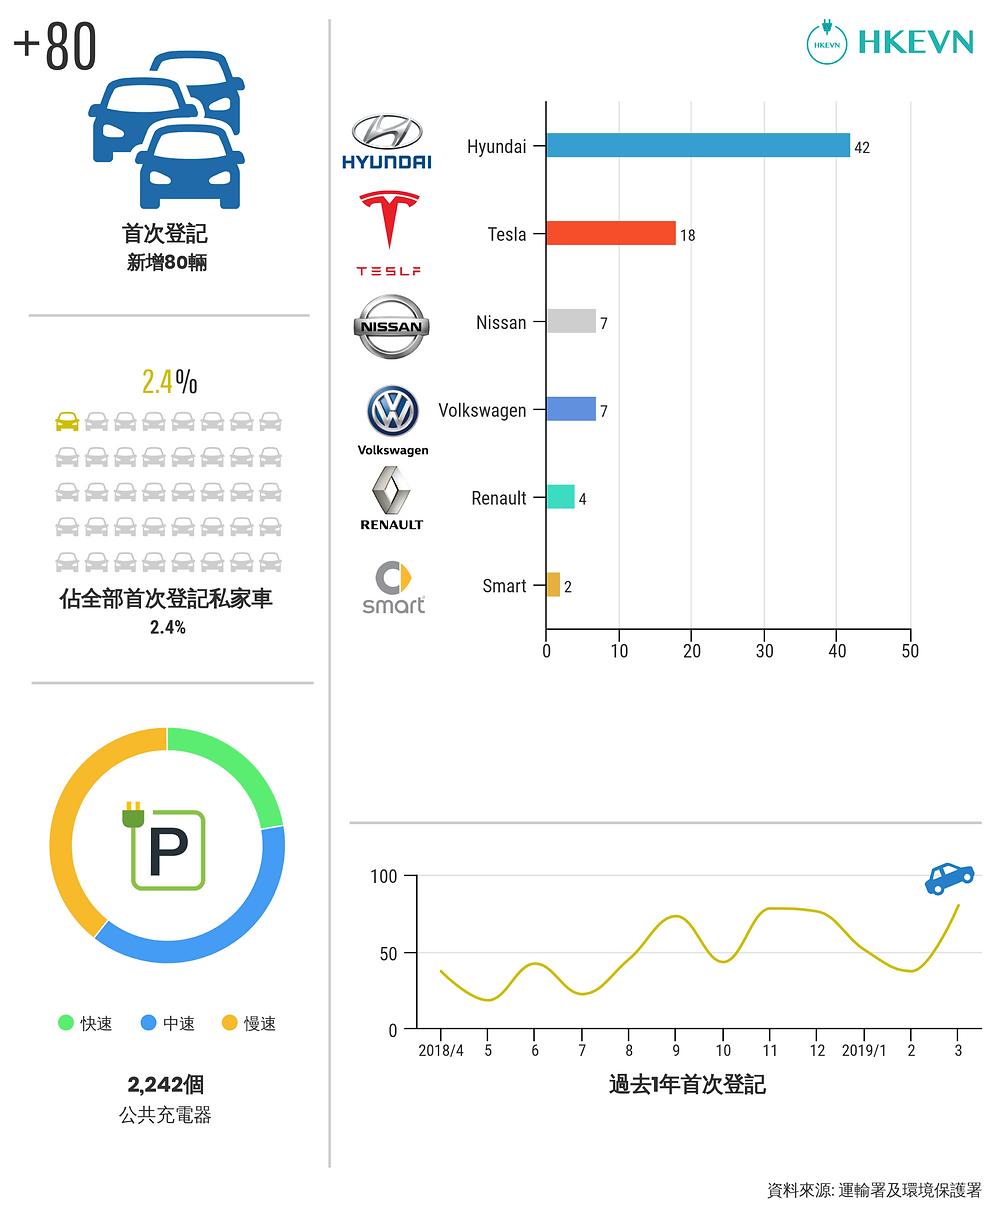 香港電動私家車數量 (2019 年 3月)